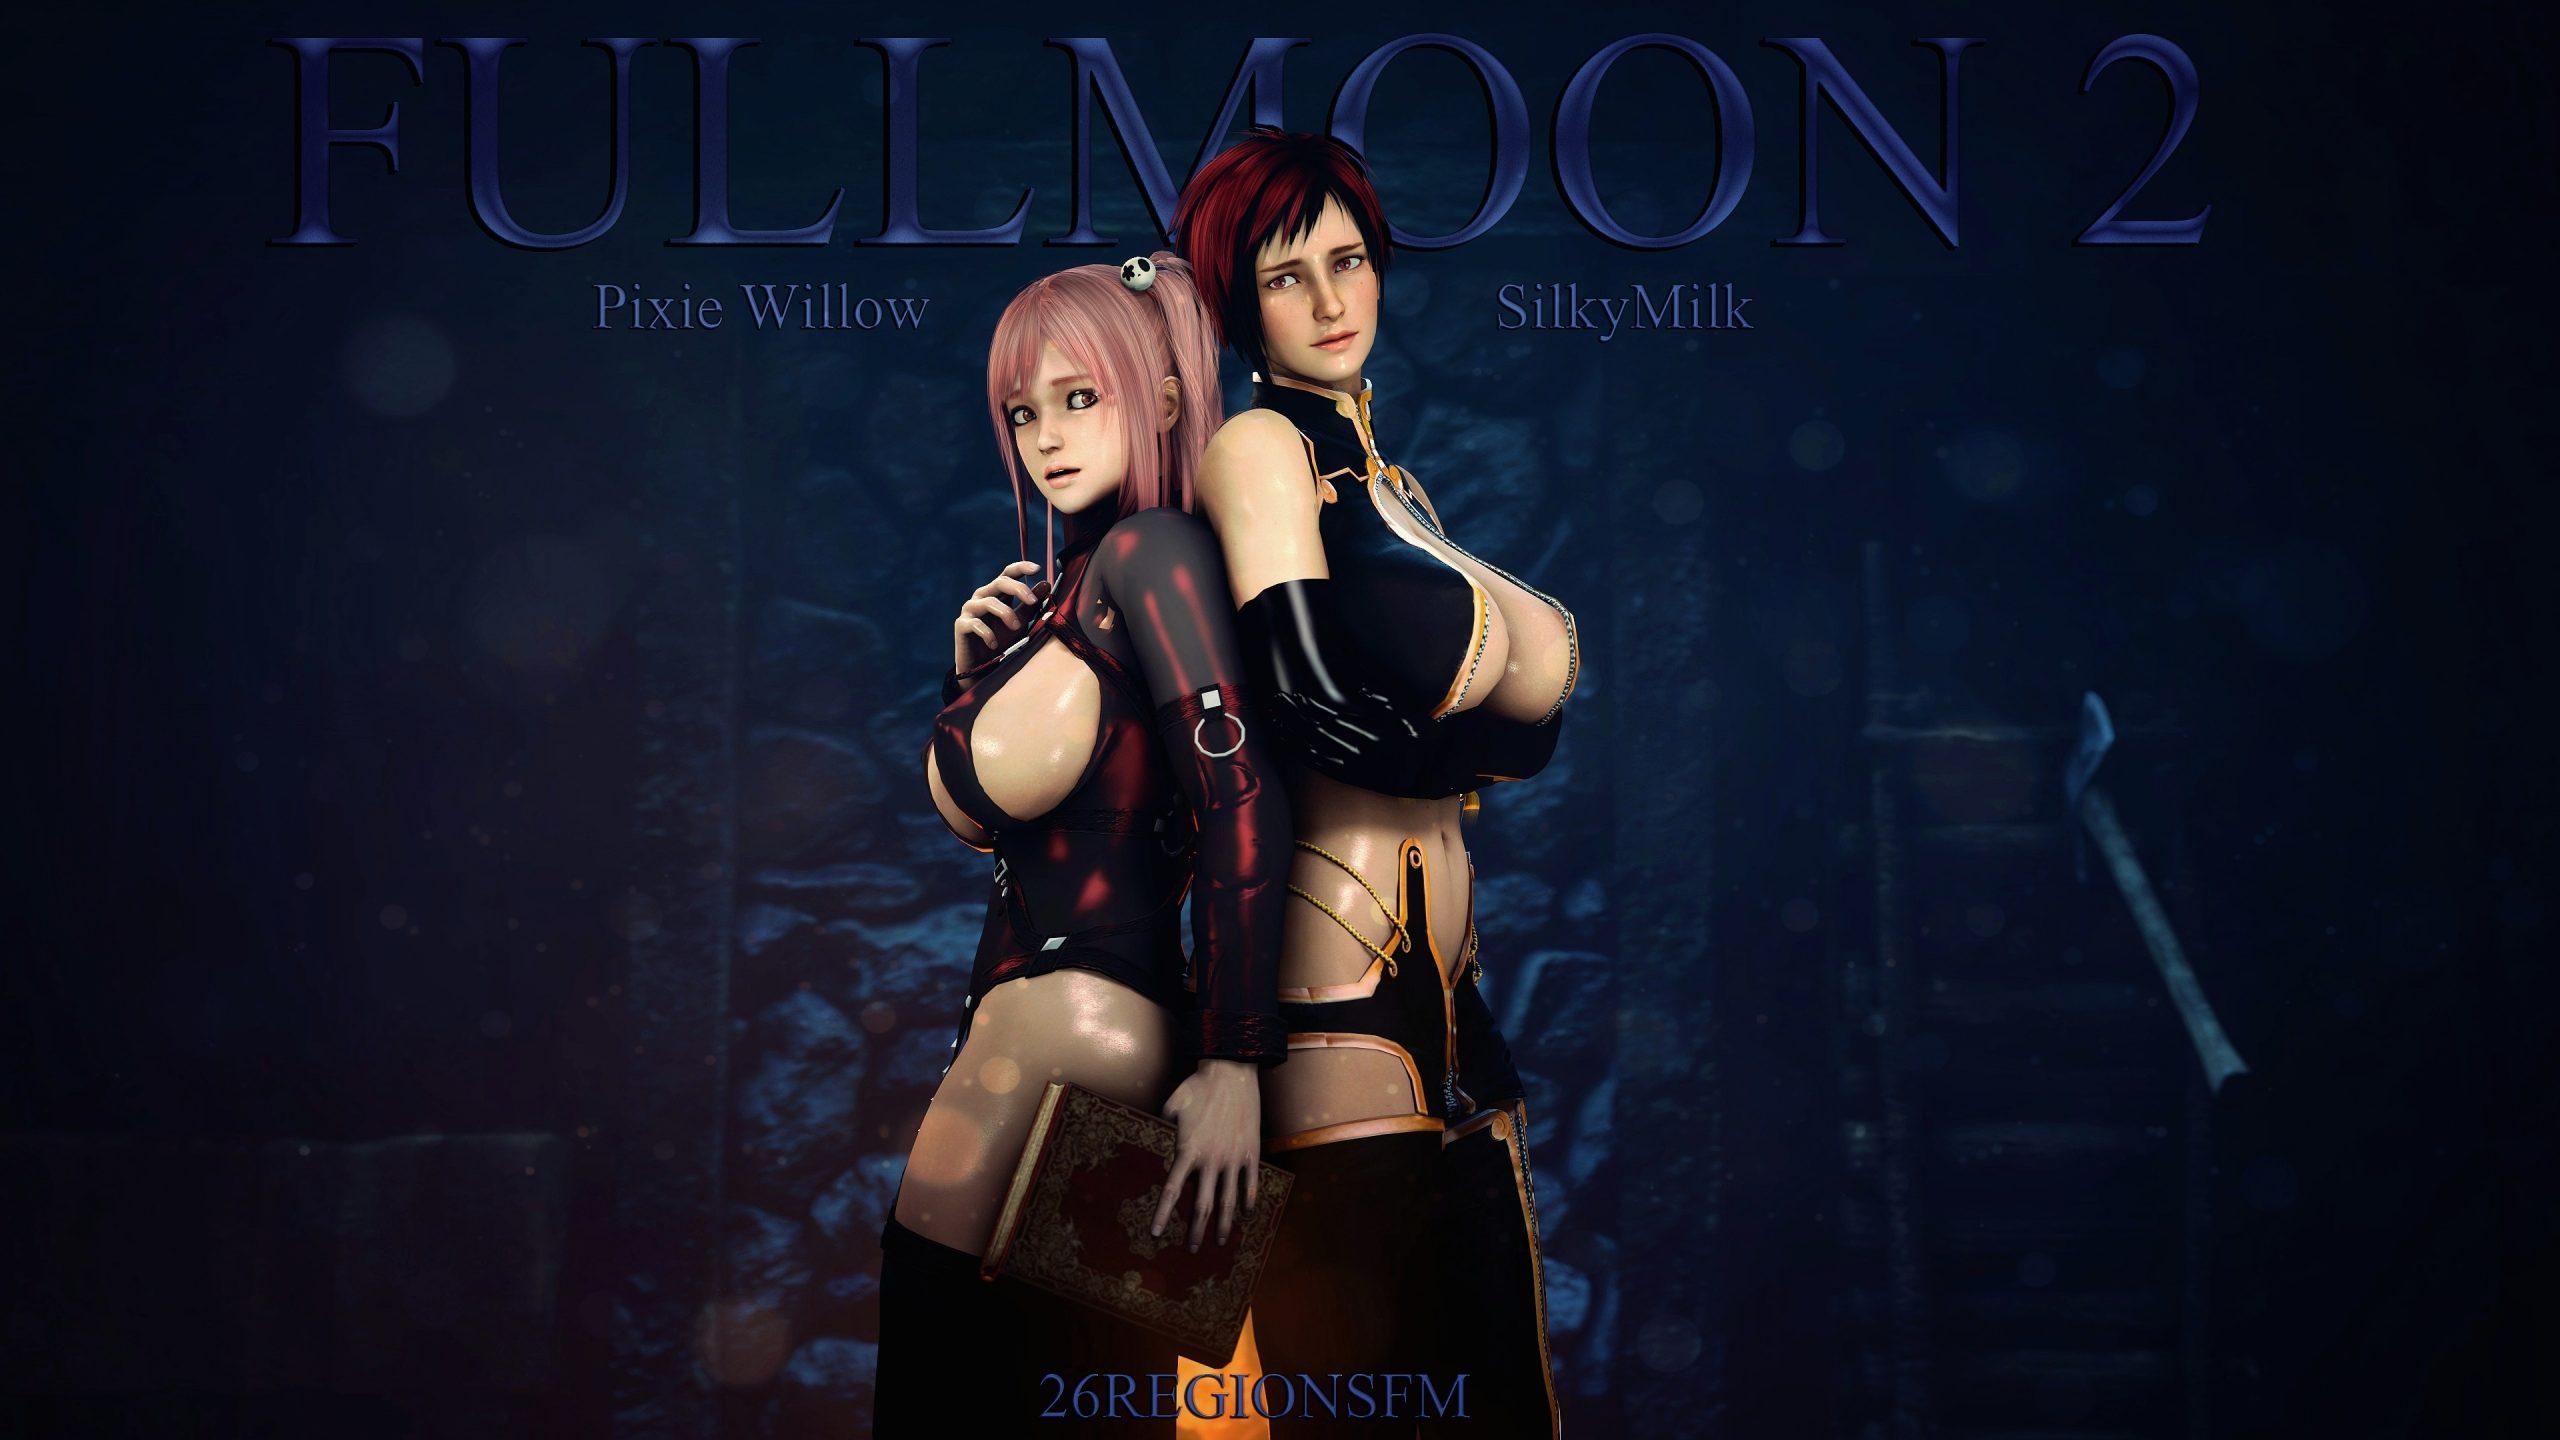 Full Moon 2 [26RegionSFM]